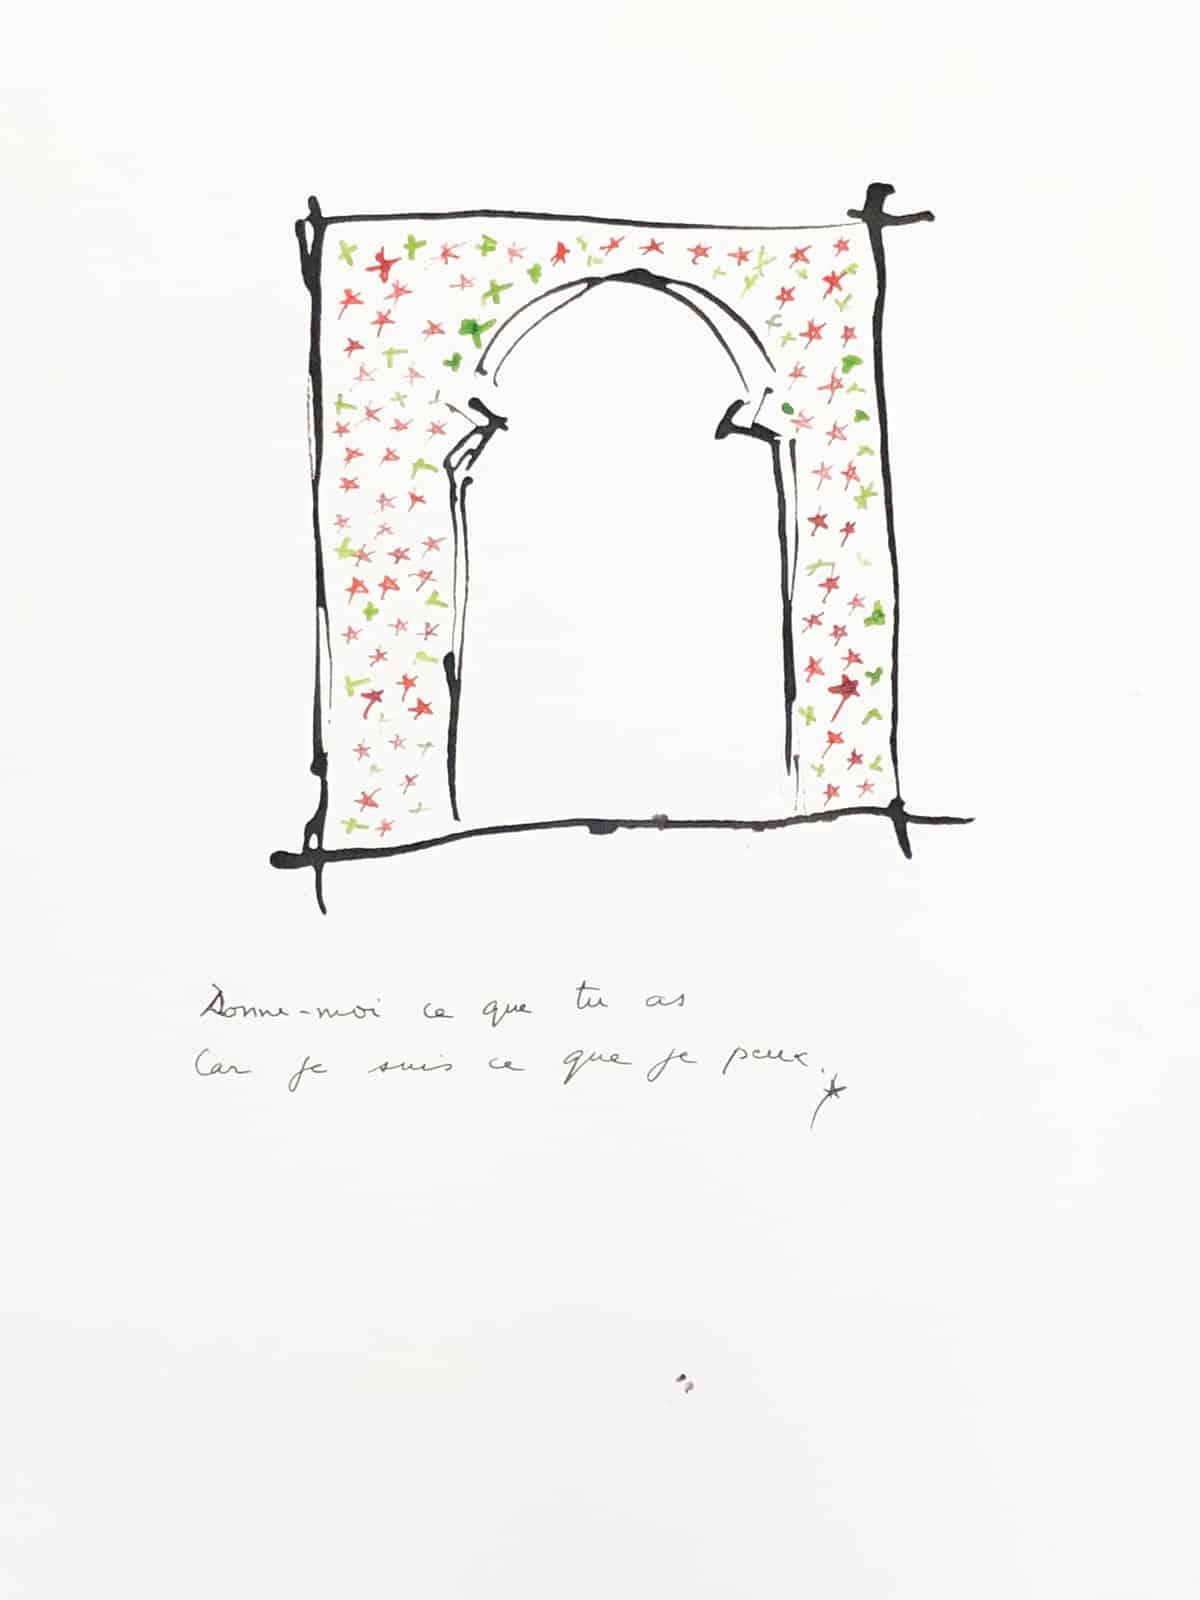 Donnes moi ce que tu as, car je suis ce que je peux, 2019 Dessin à l'encre, 37,5 x 37,5 cm ©Tahar Ben Jelloun